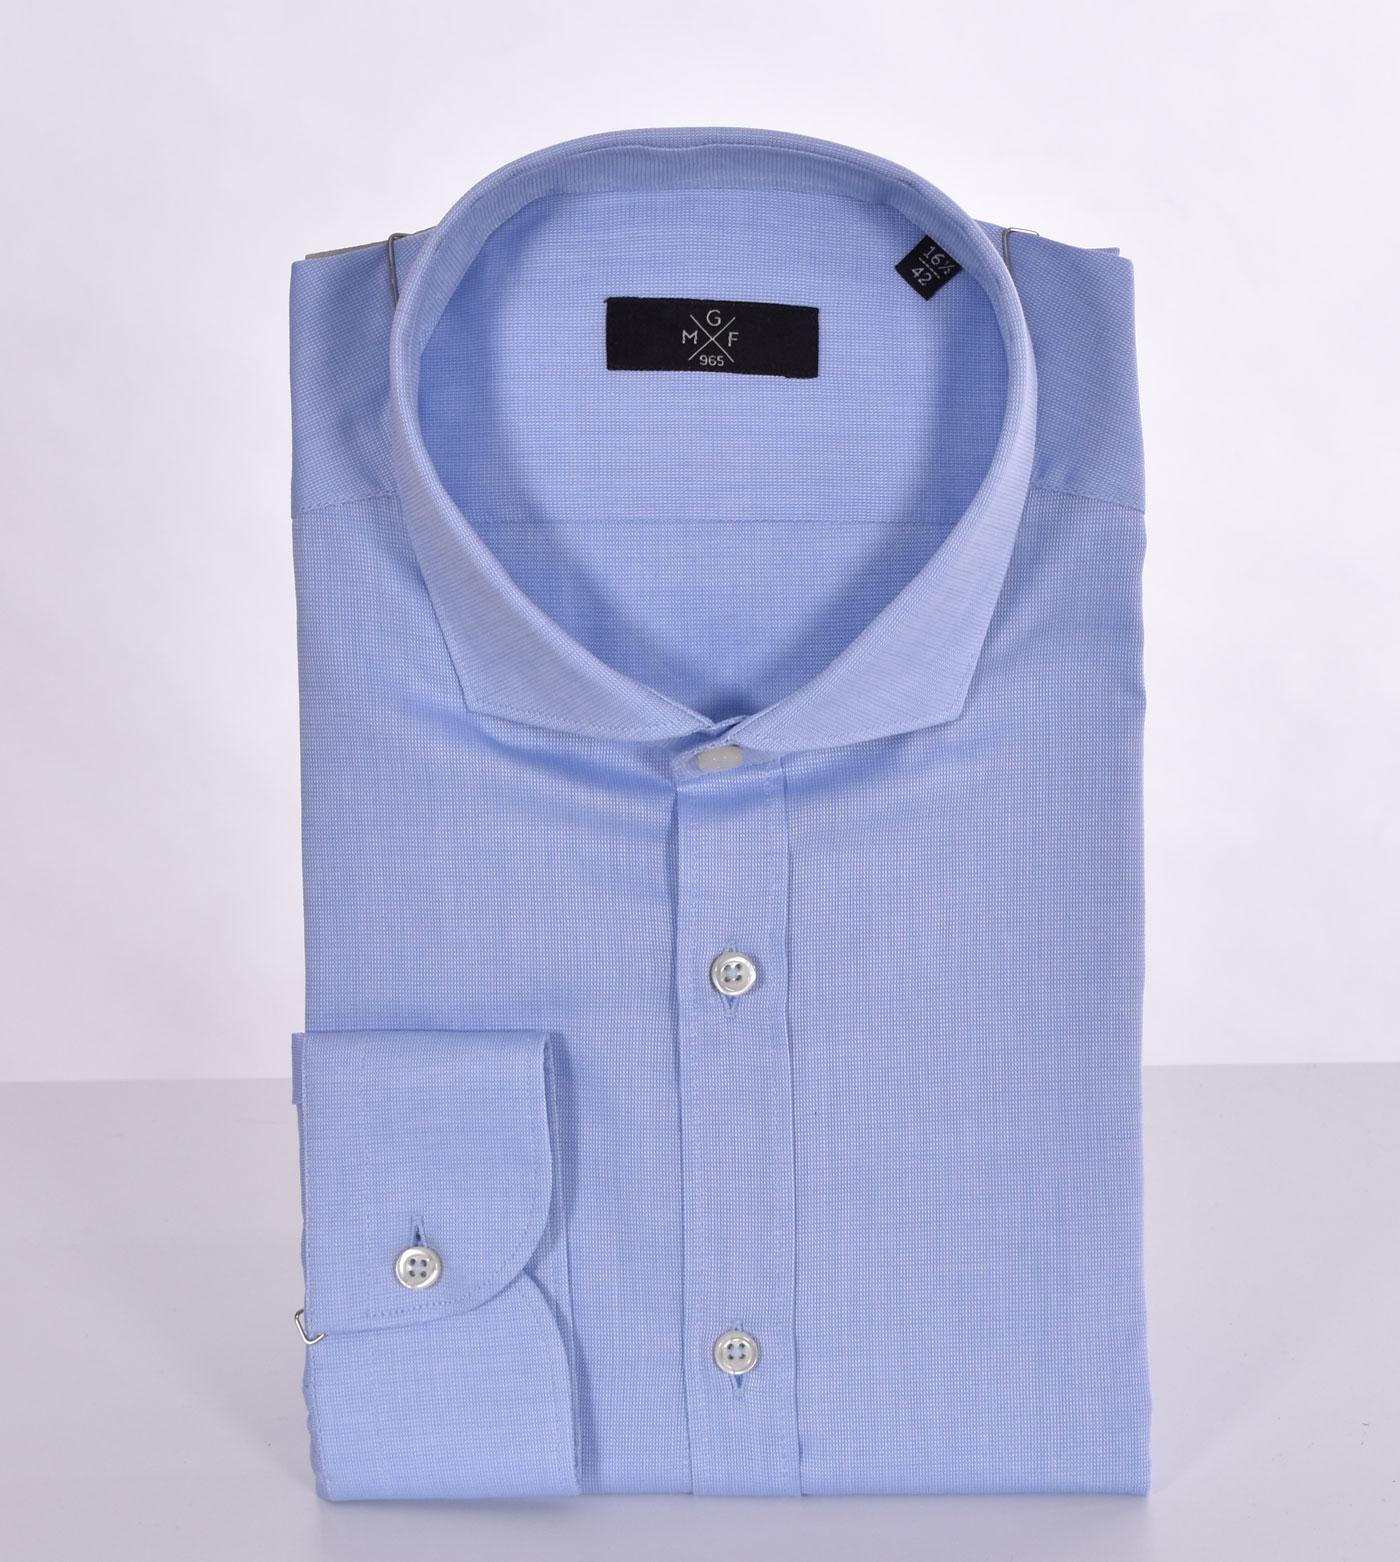 GMF 965 light blue micro-pattern shirt GMF 965 | 10704